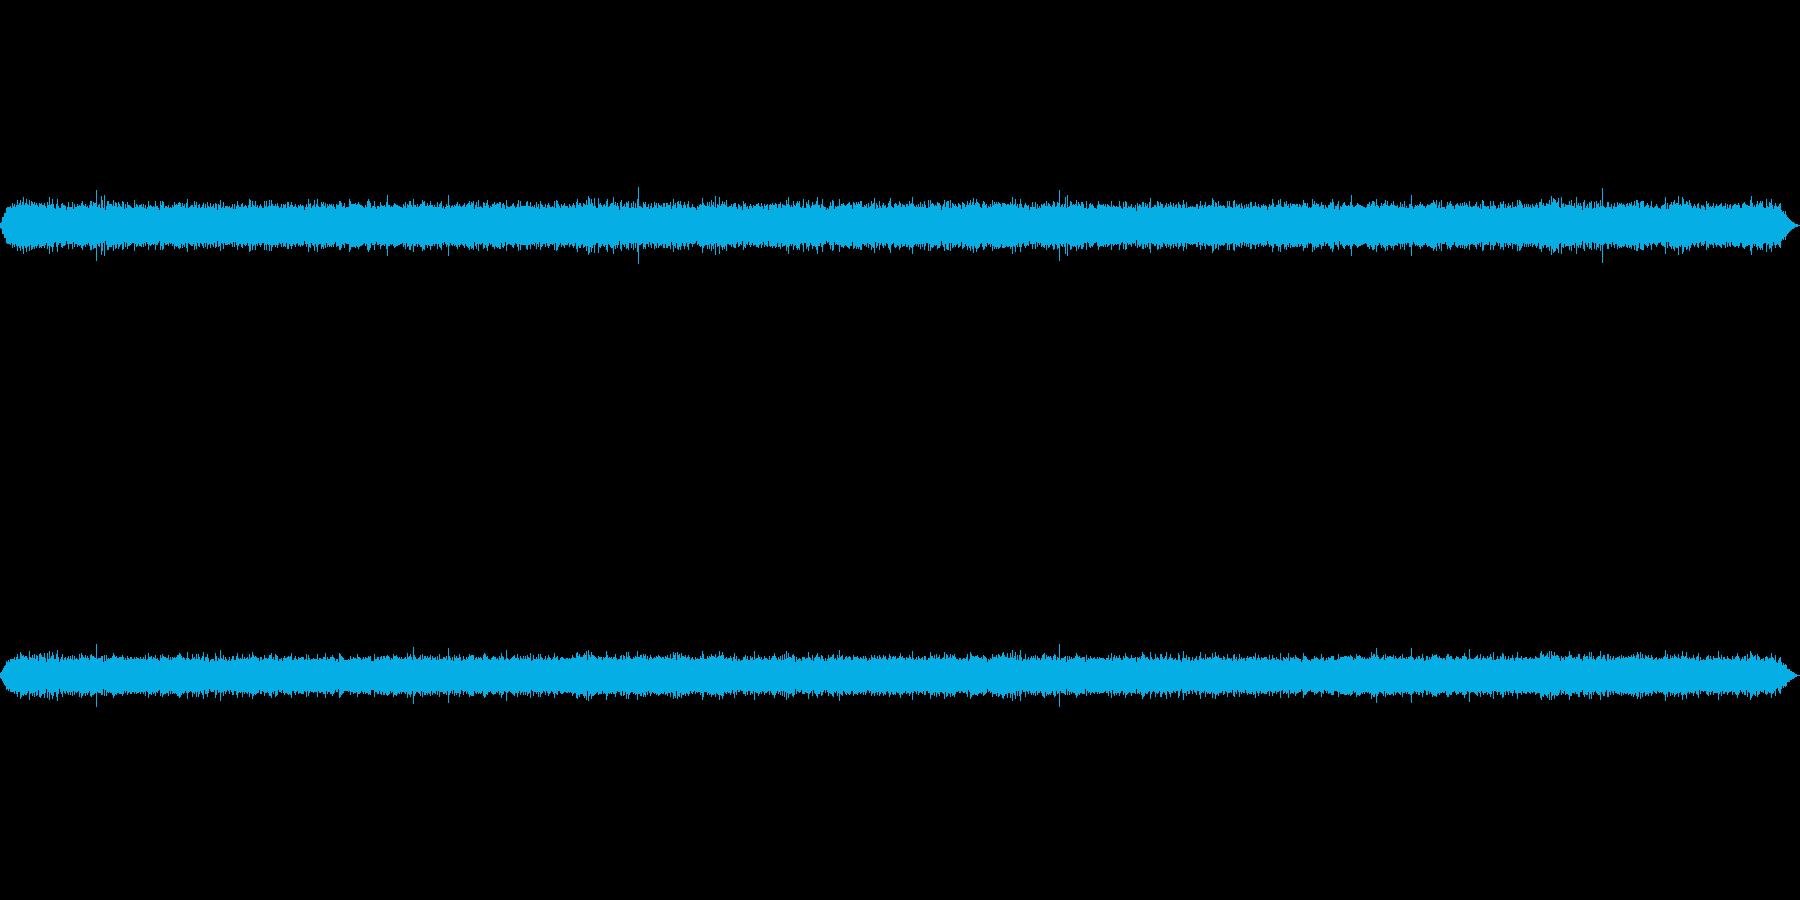 滝音~小さめの滝 3 【生録音】の再生済みの波形